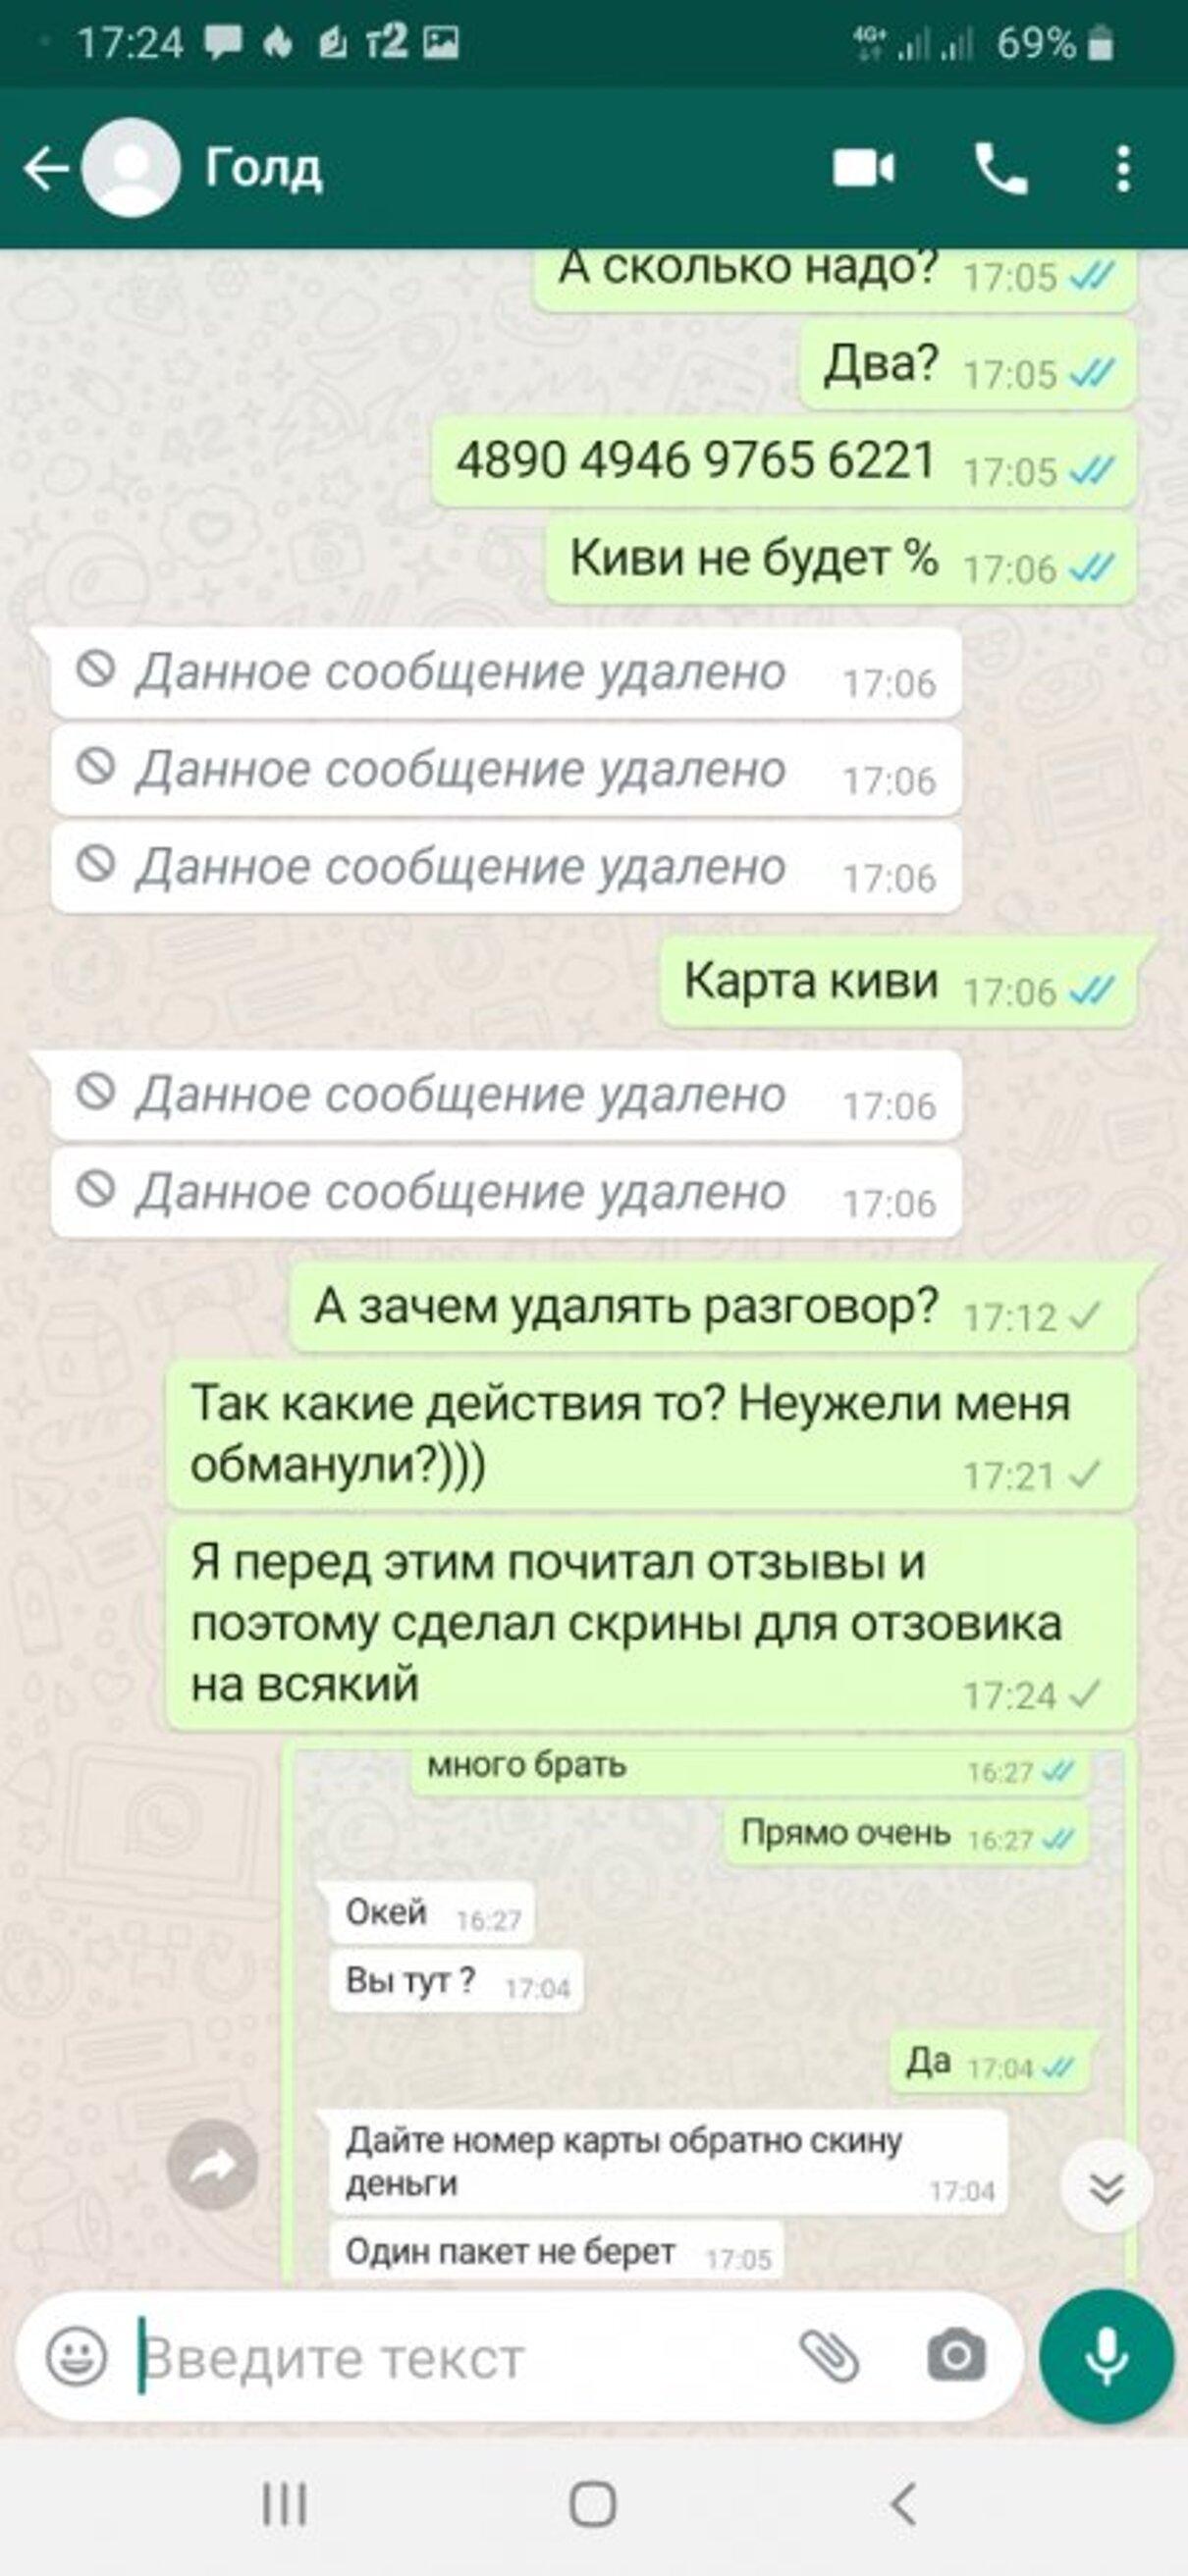 Жалоба-отзыв: Https://donat-games.ru - Мошенники с сайта https://donat-games.ru.  Фото №4